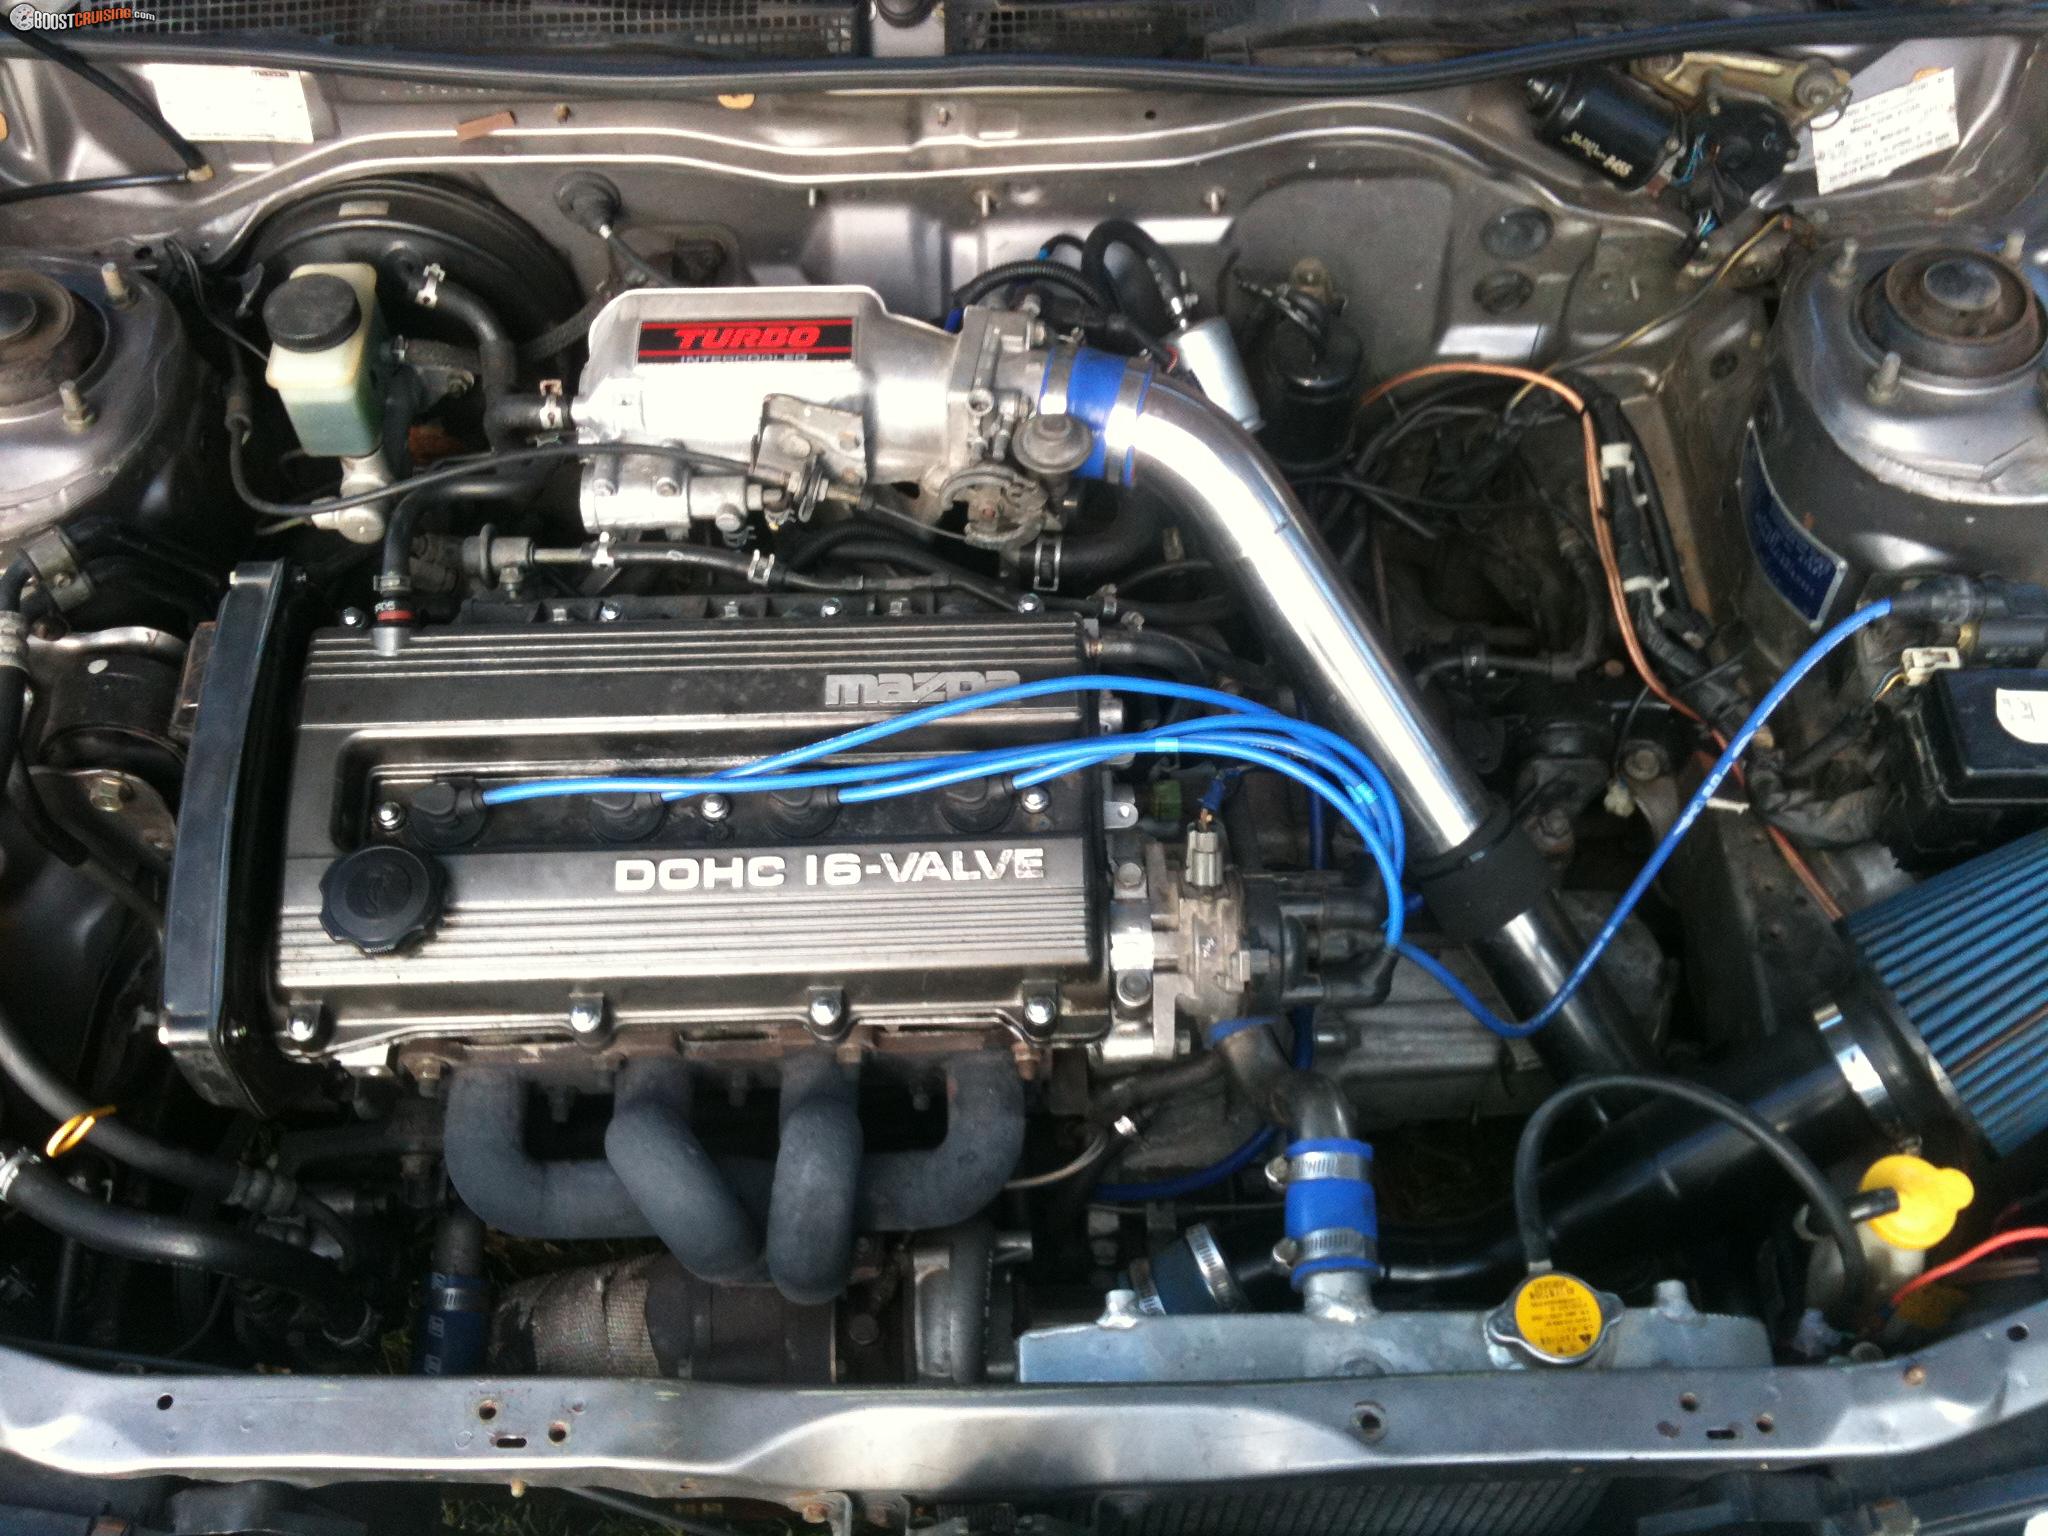 323 gtr motor